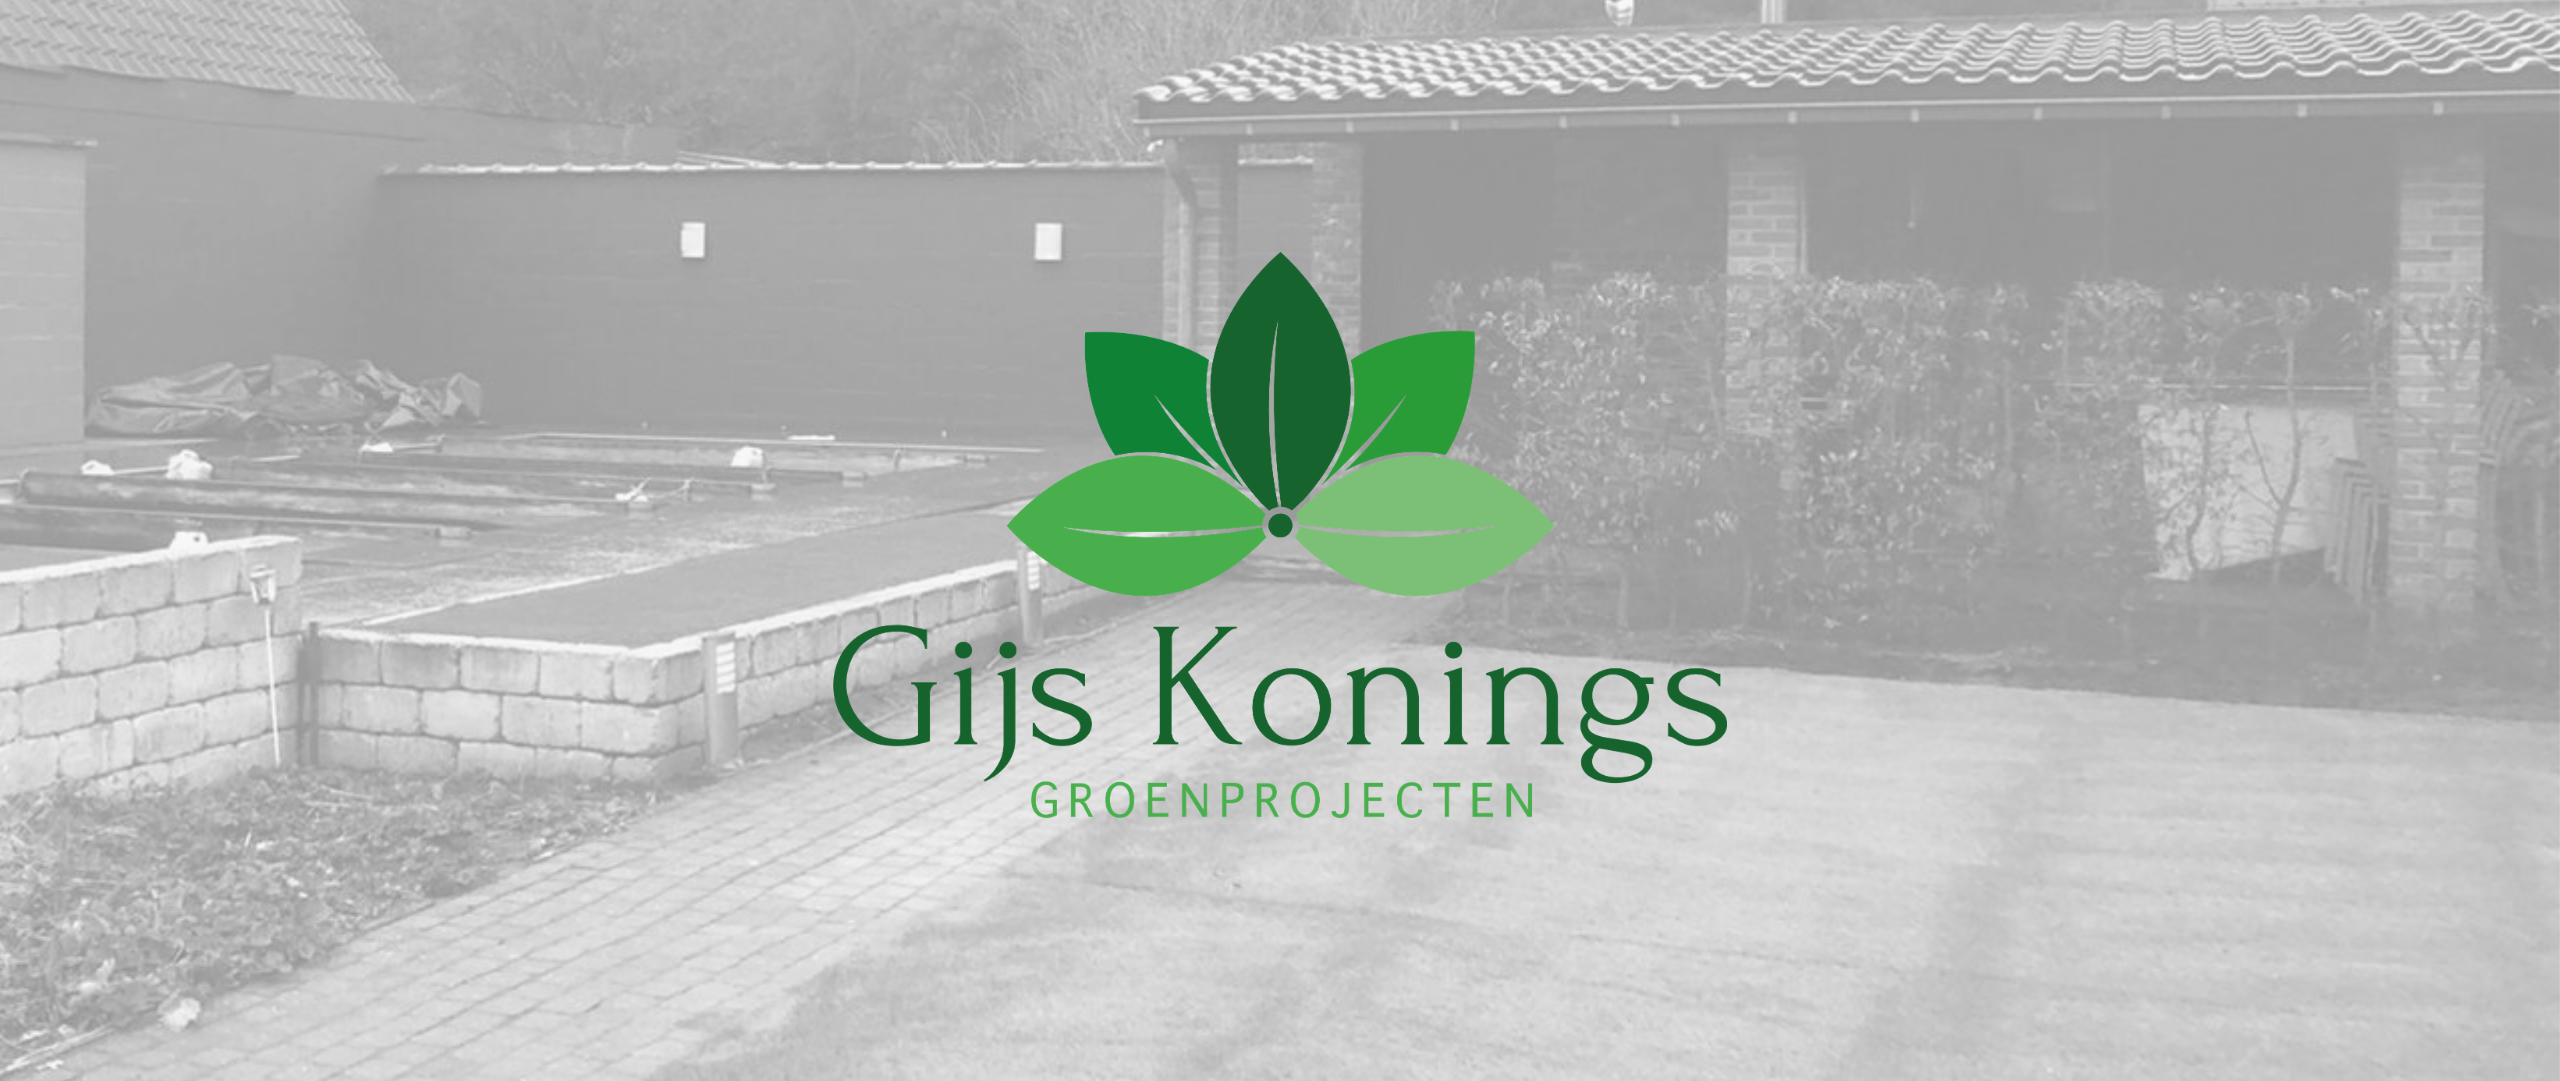 Welkom bij Gijs Konings Groenprojecten